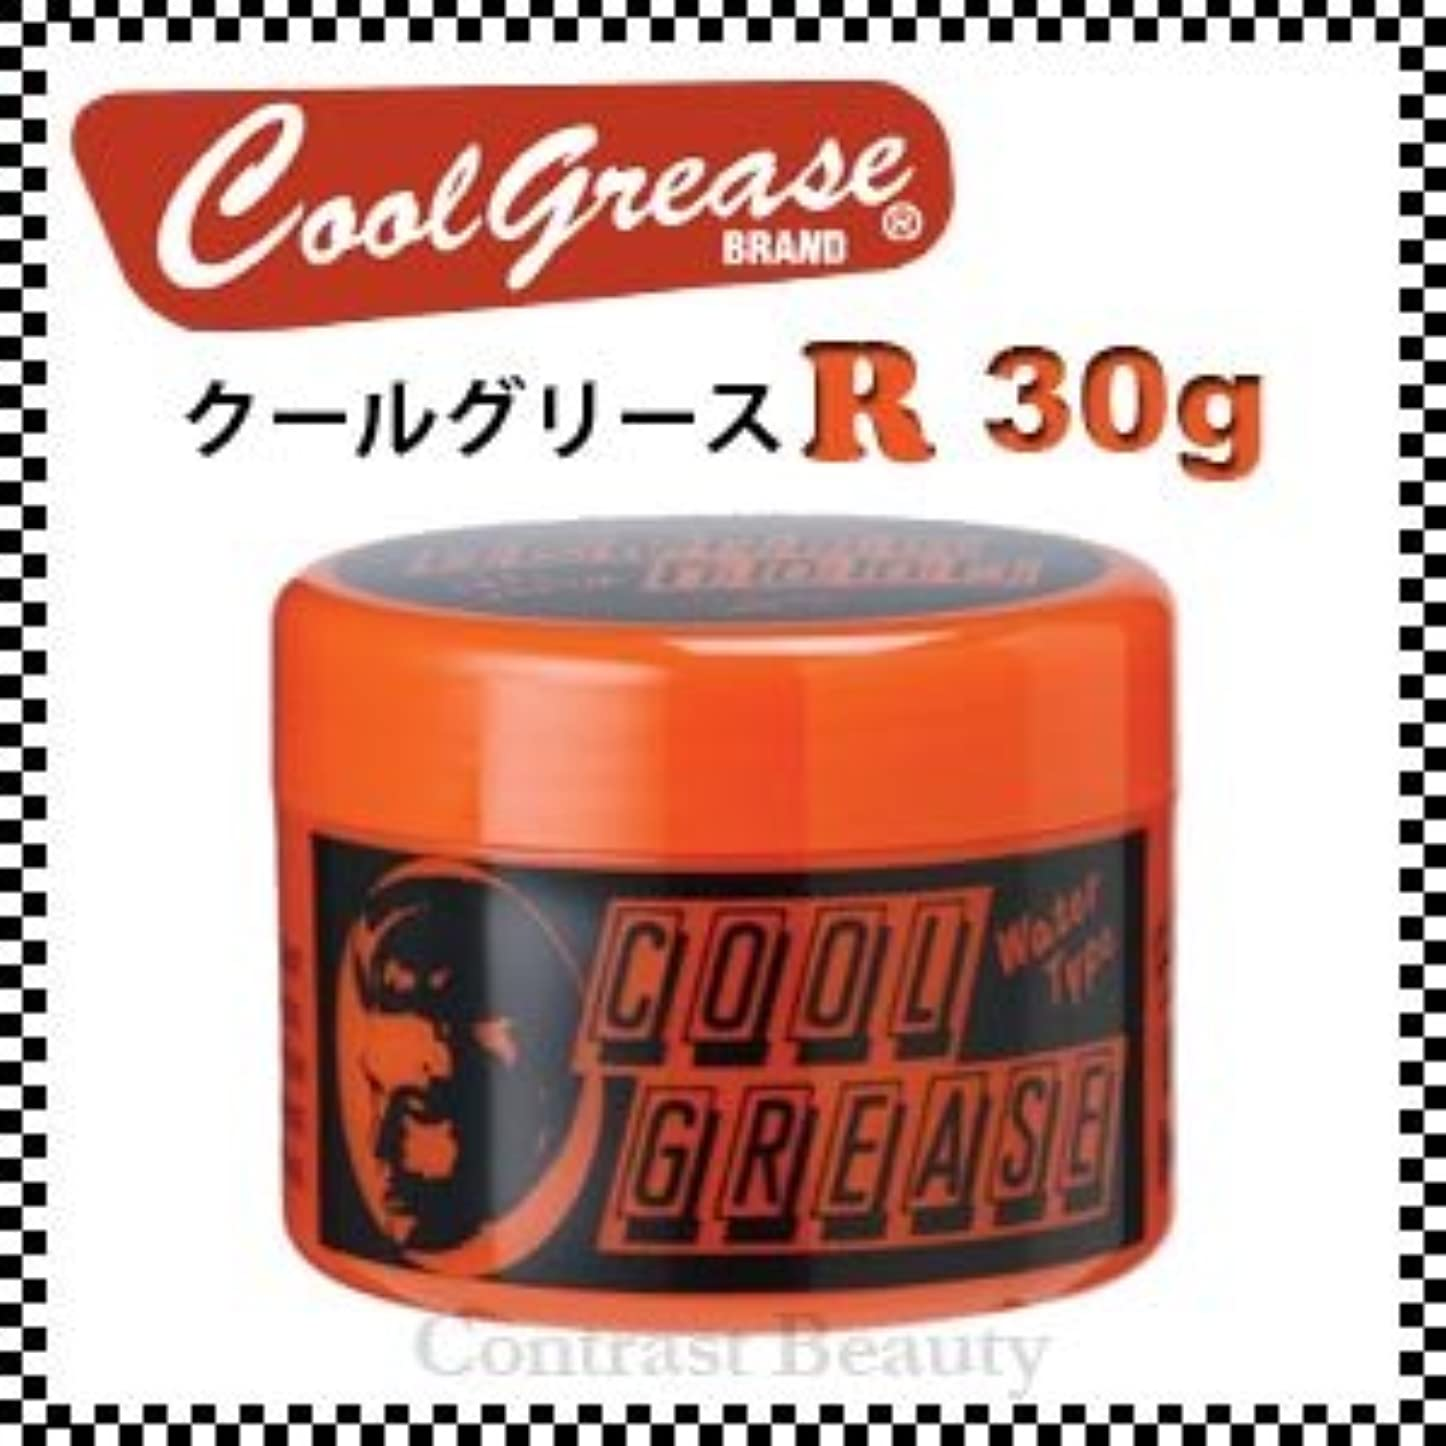 アソシエイト良い適性【X3個セット】 阪本高生堂 クールグリース R 30g